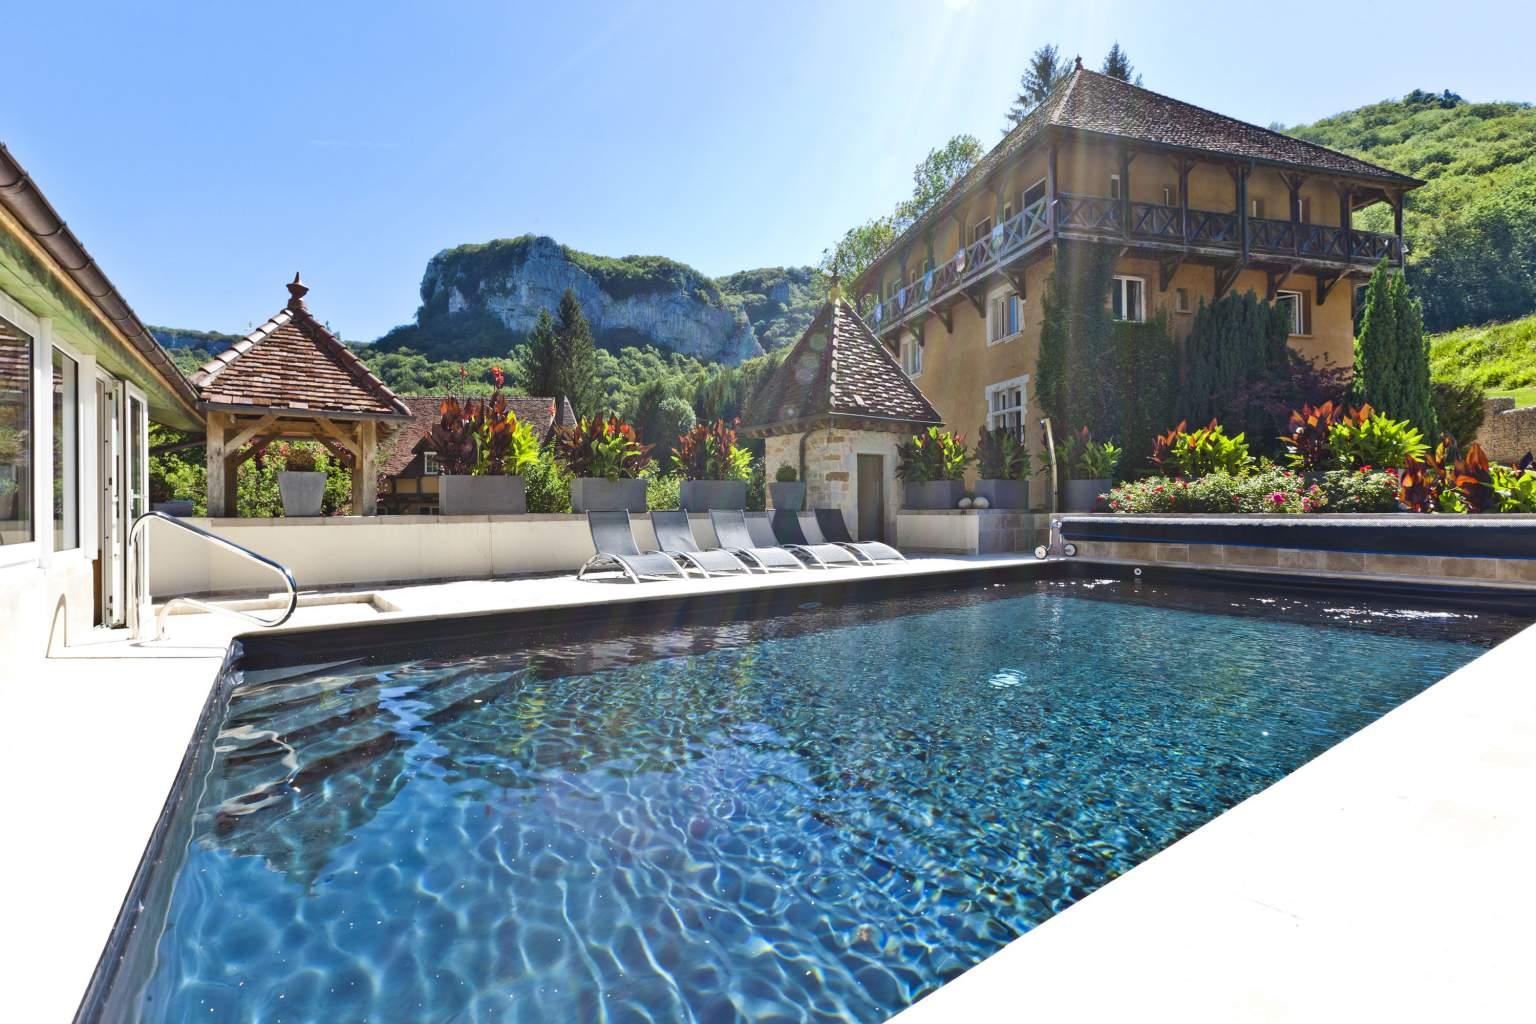 Hôtel Restaurant le Castel Damandre aux Planches près d'Arbois, avec la piscine au solei dans un cadre bucolique